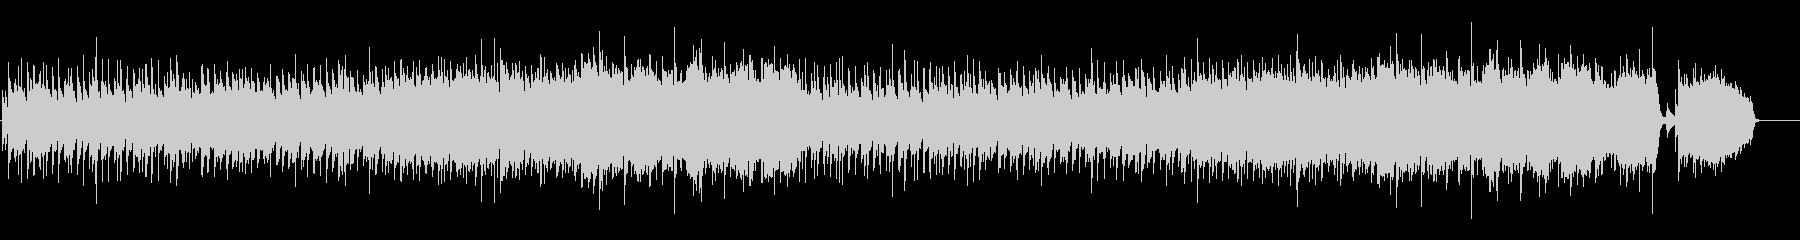 琴と和鈴が印象的な和風ポップバラードの未再生の波形